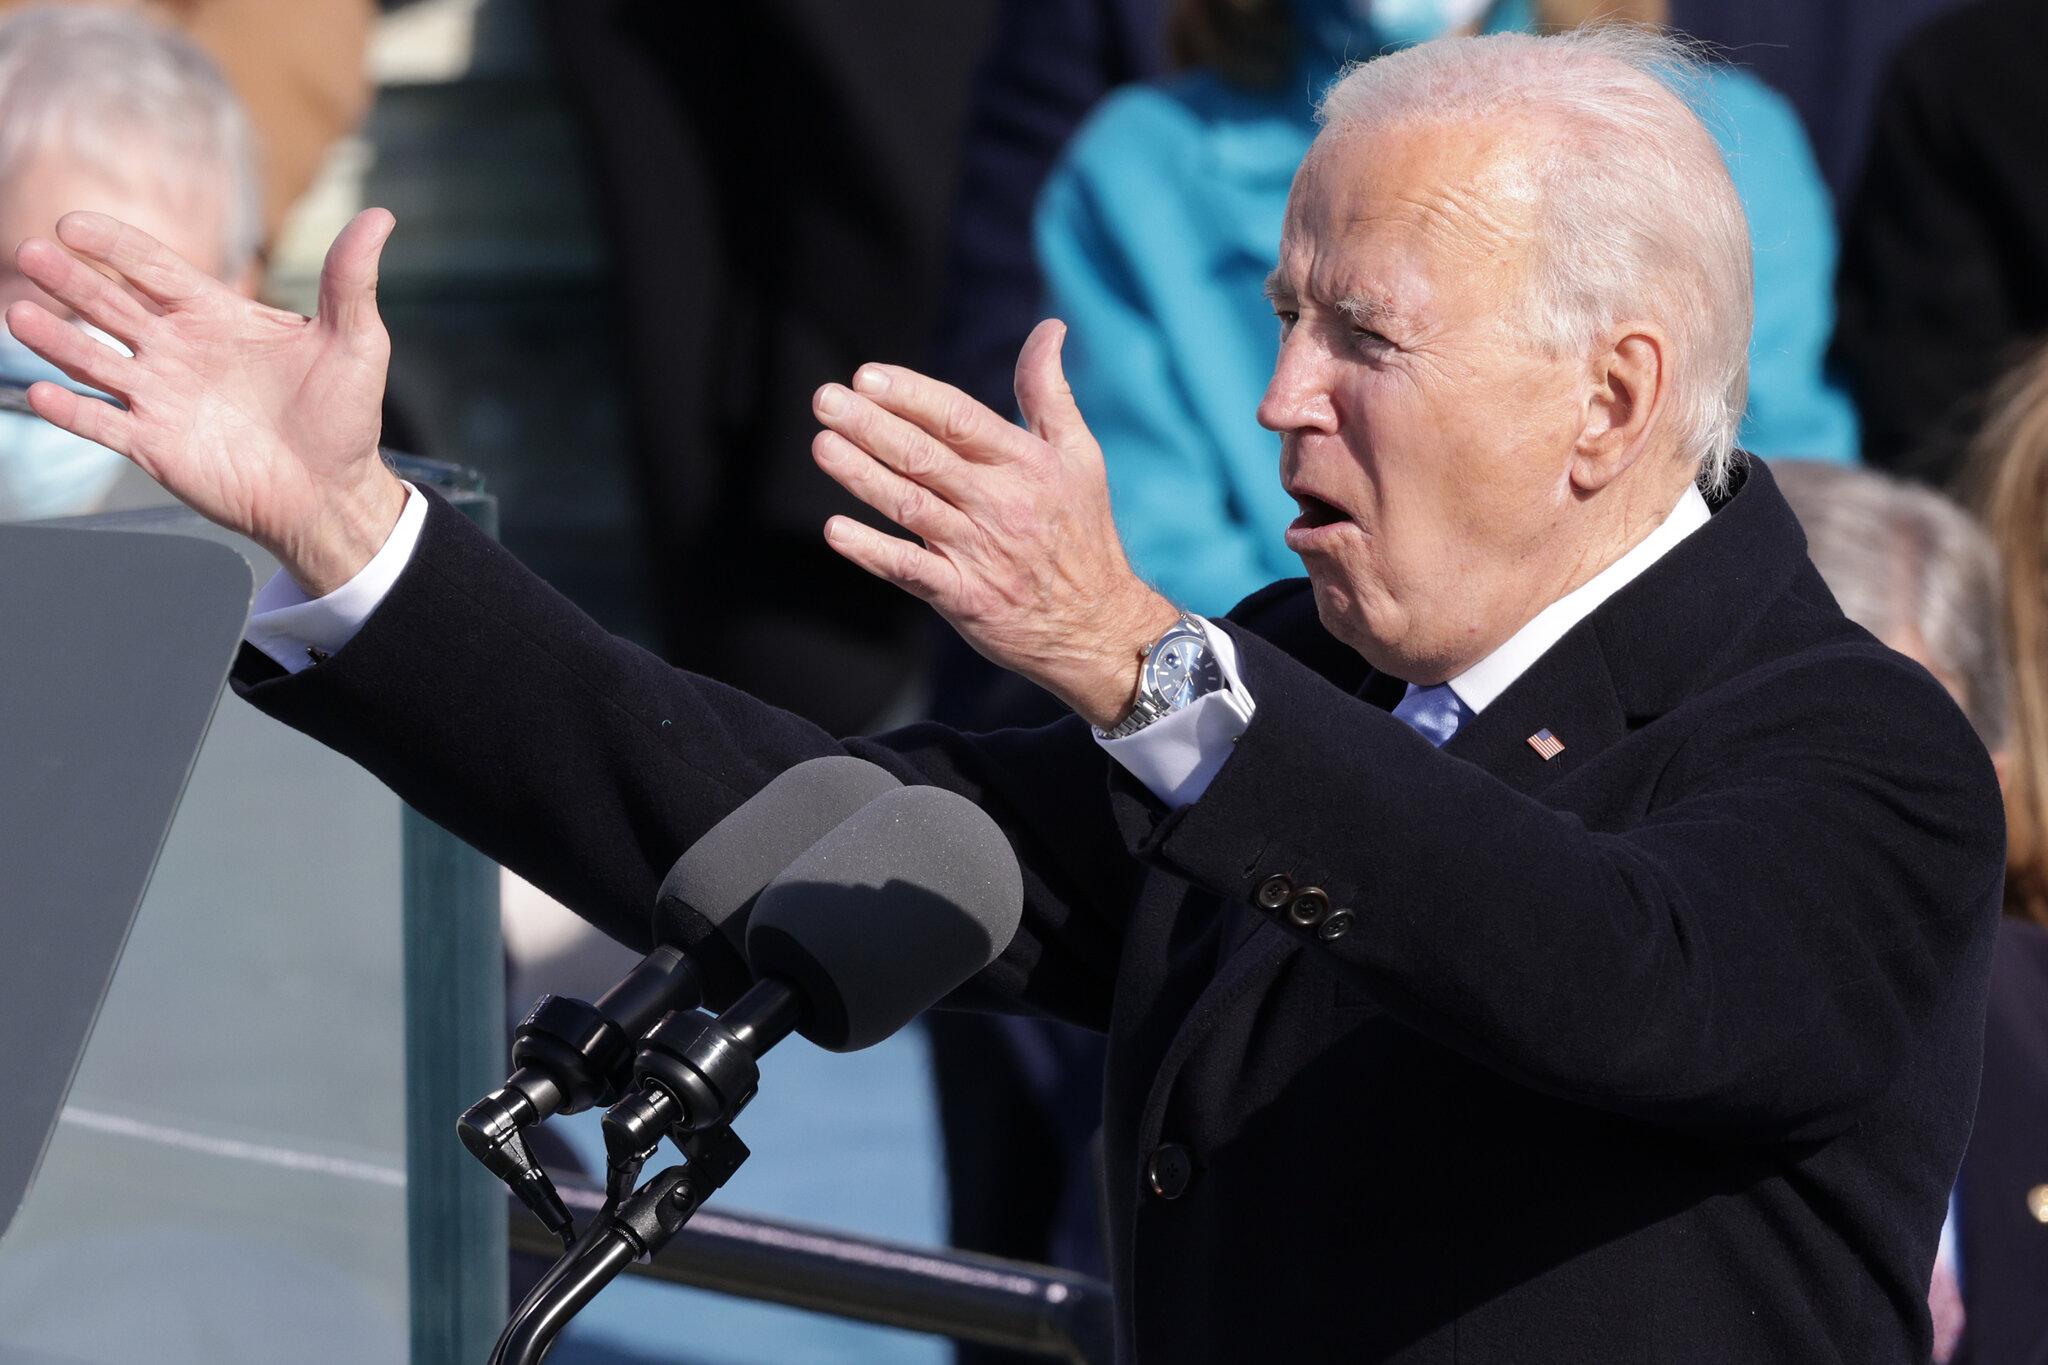 لماذا يتحدث الجميع عن ساعة الرئيس الجديد بايدن؟